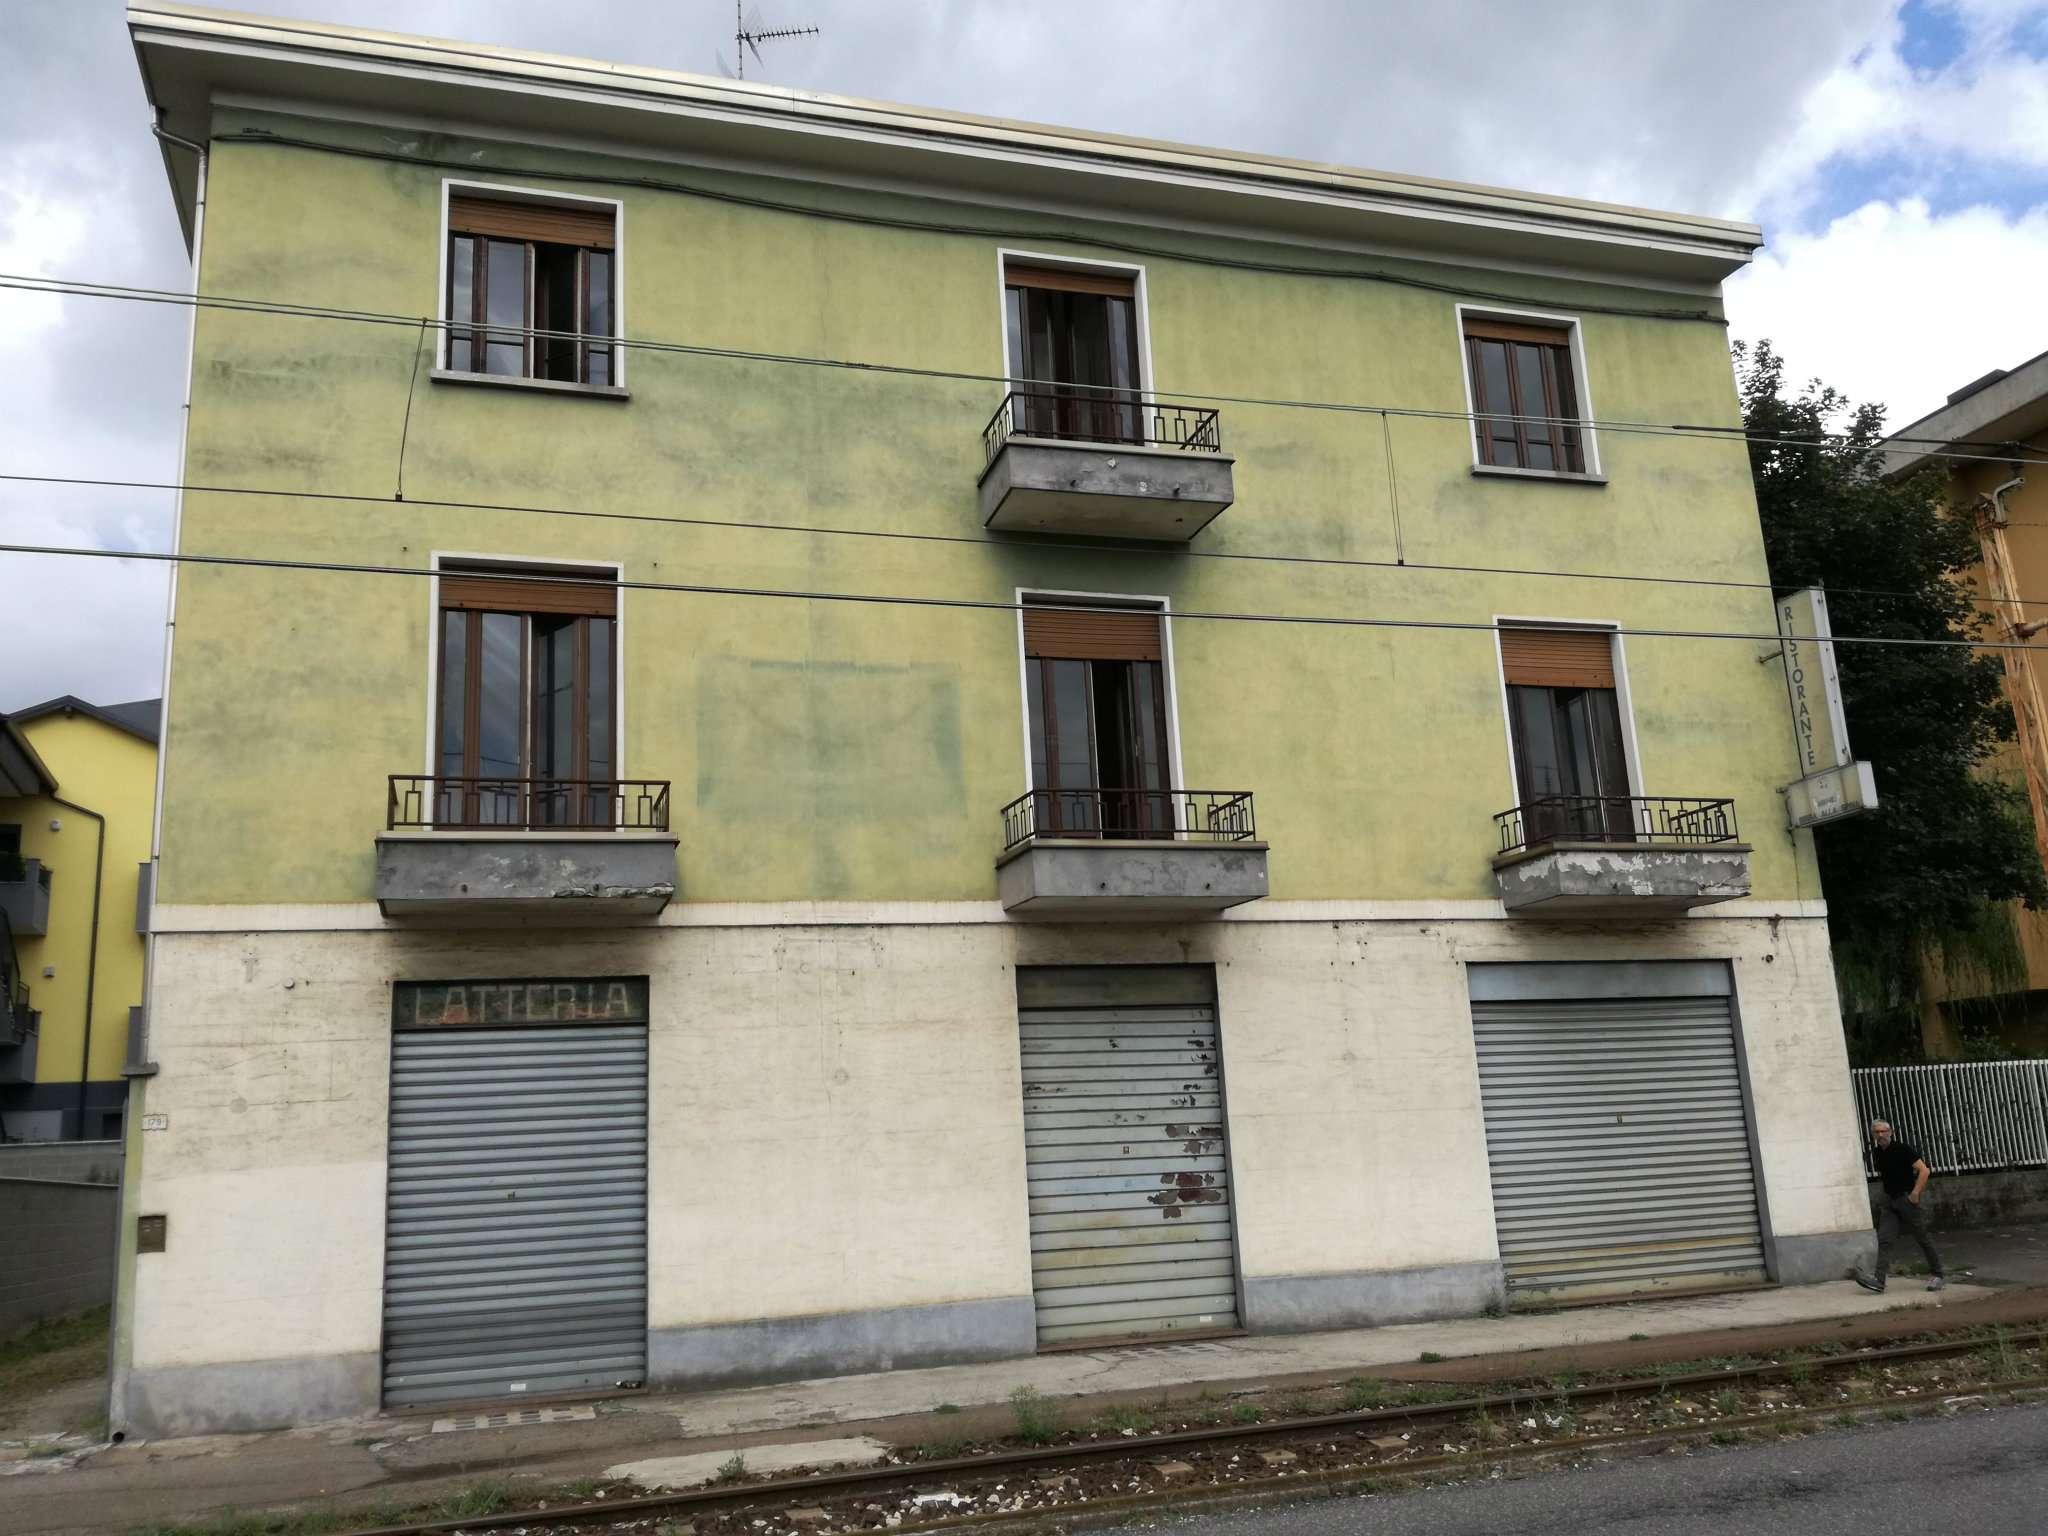 Palazzo / Stabile in vendita a Cormano, 11 locali, prezzo € 410.000   CambioCasa.it